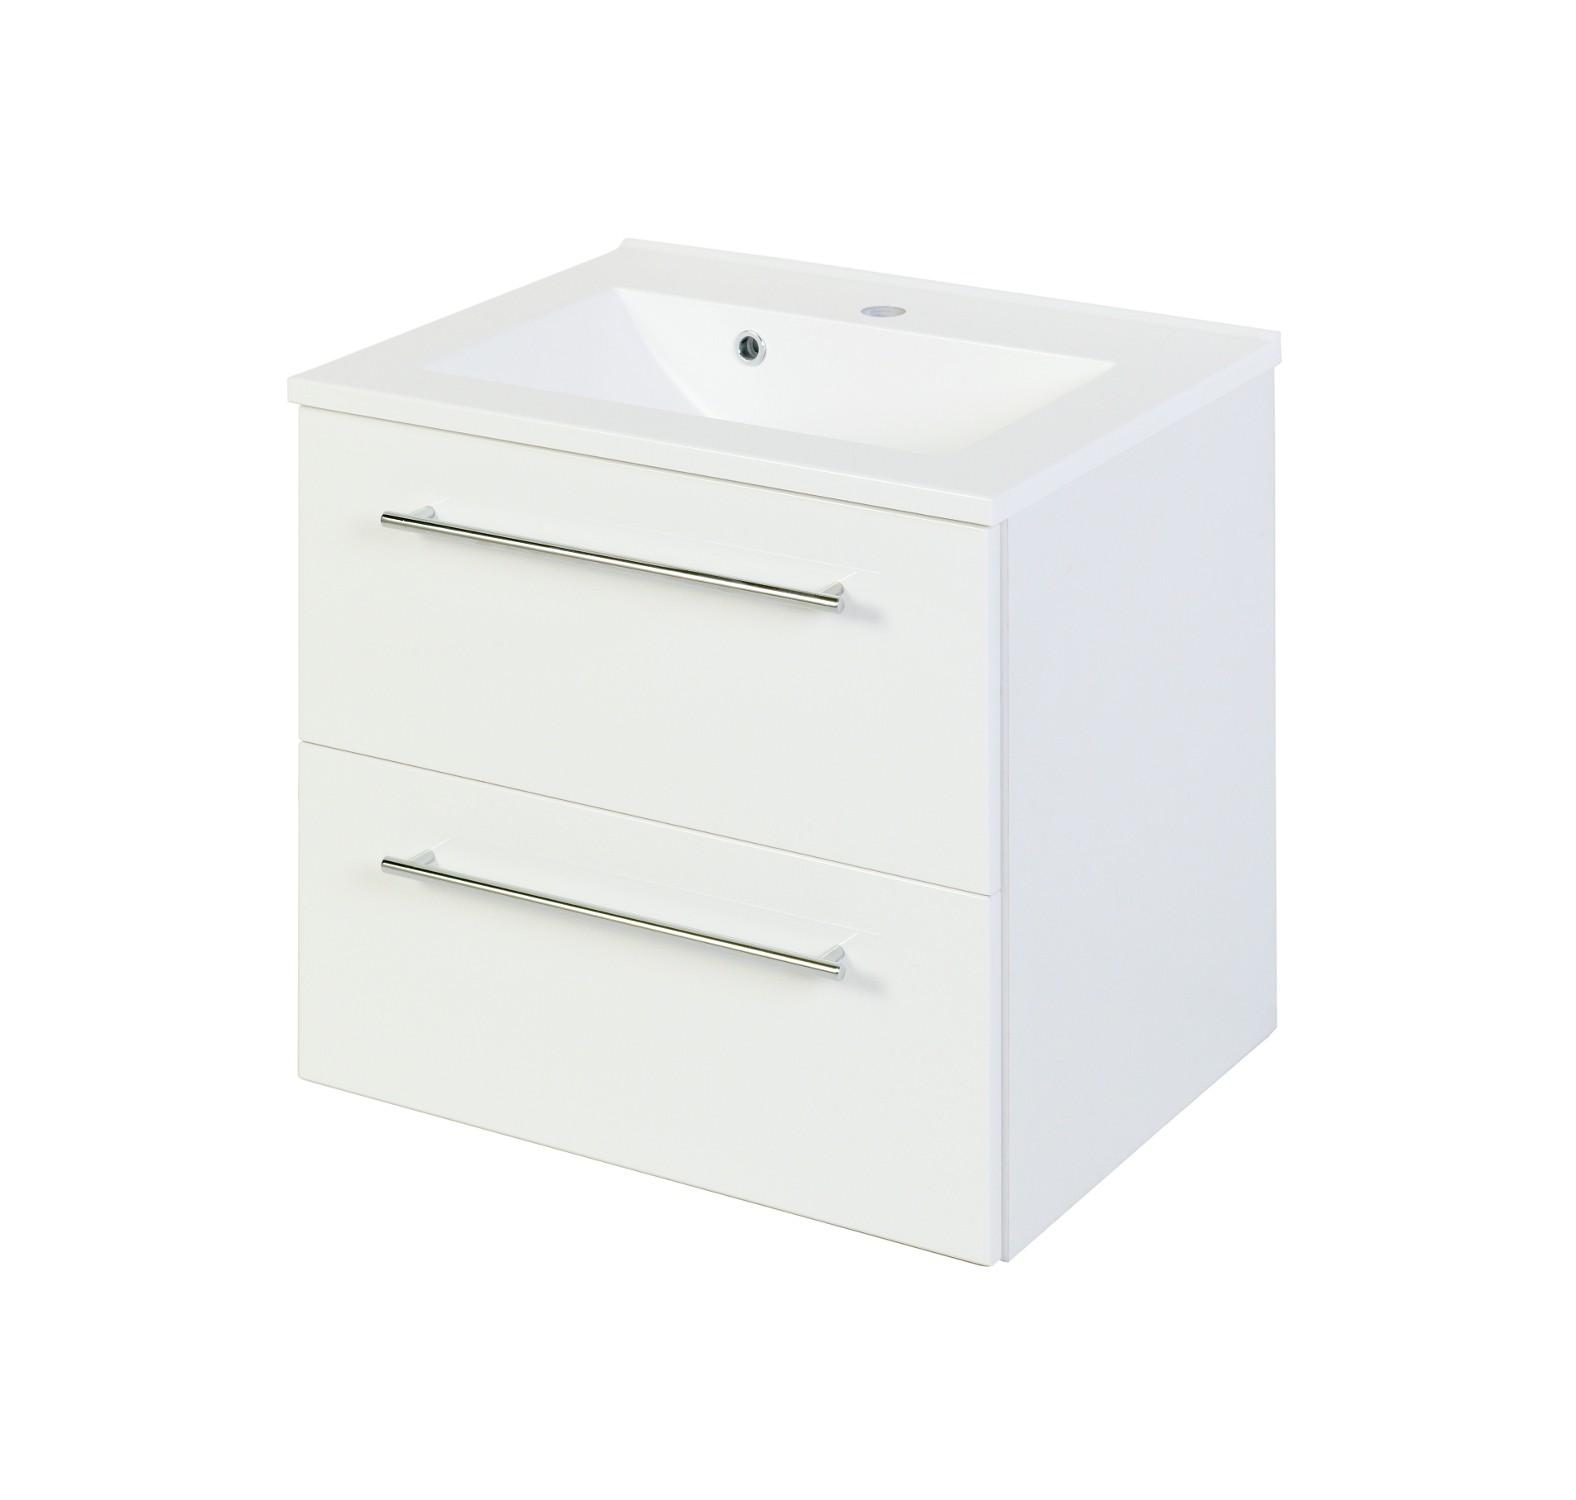 bad waschtisch mailand 2 ausz ge 60 cm breit. Black Bedroom Furniture Sets. Home Design Ideas